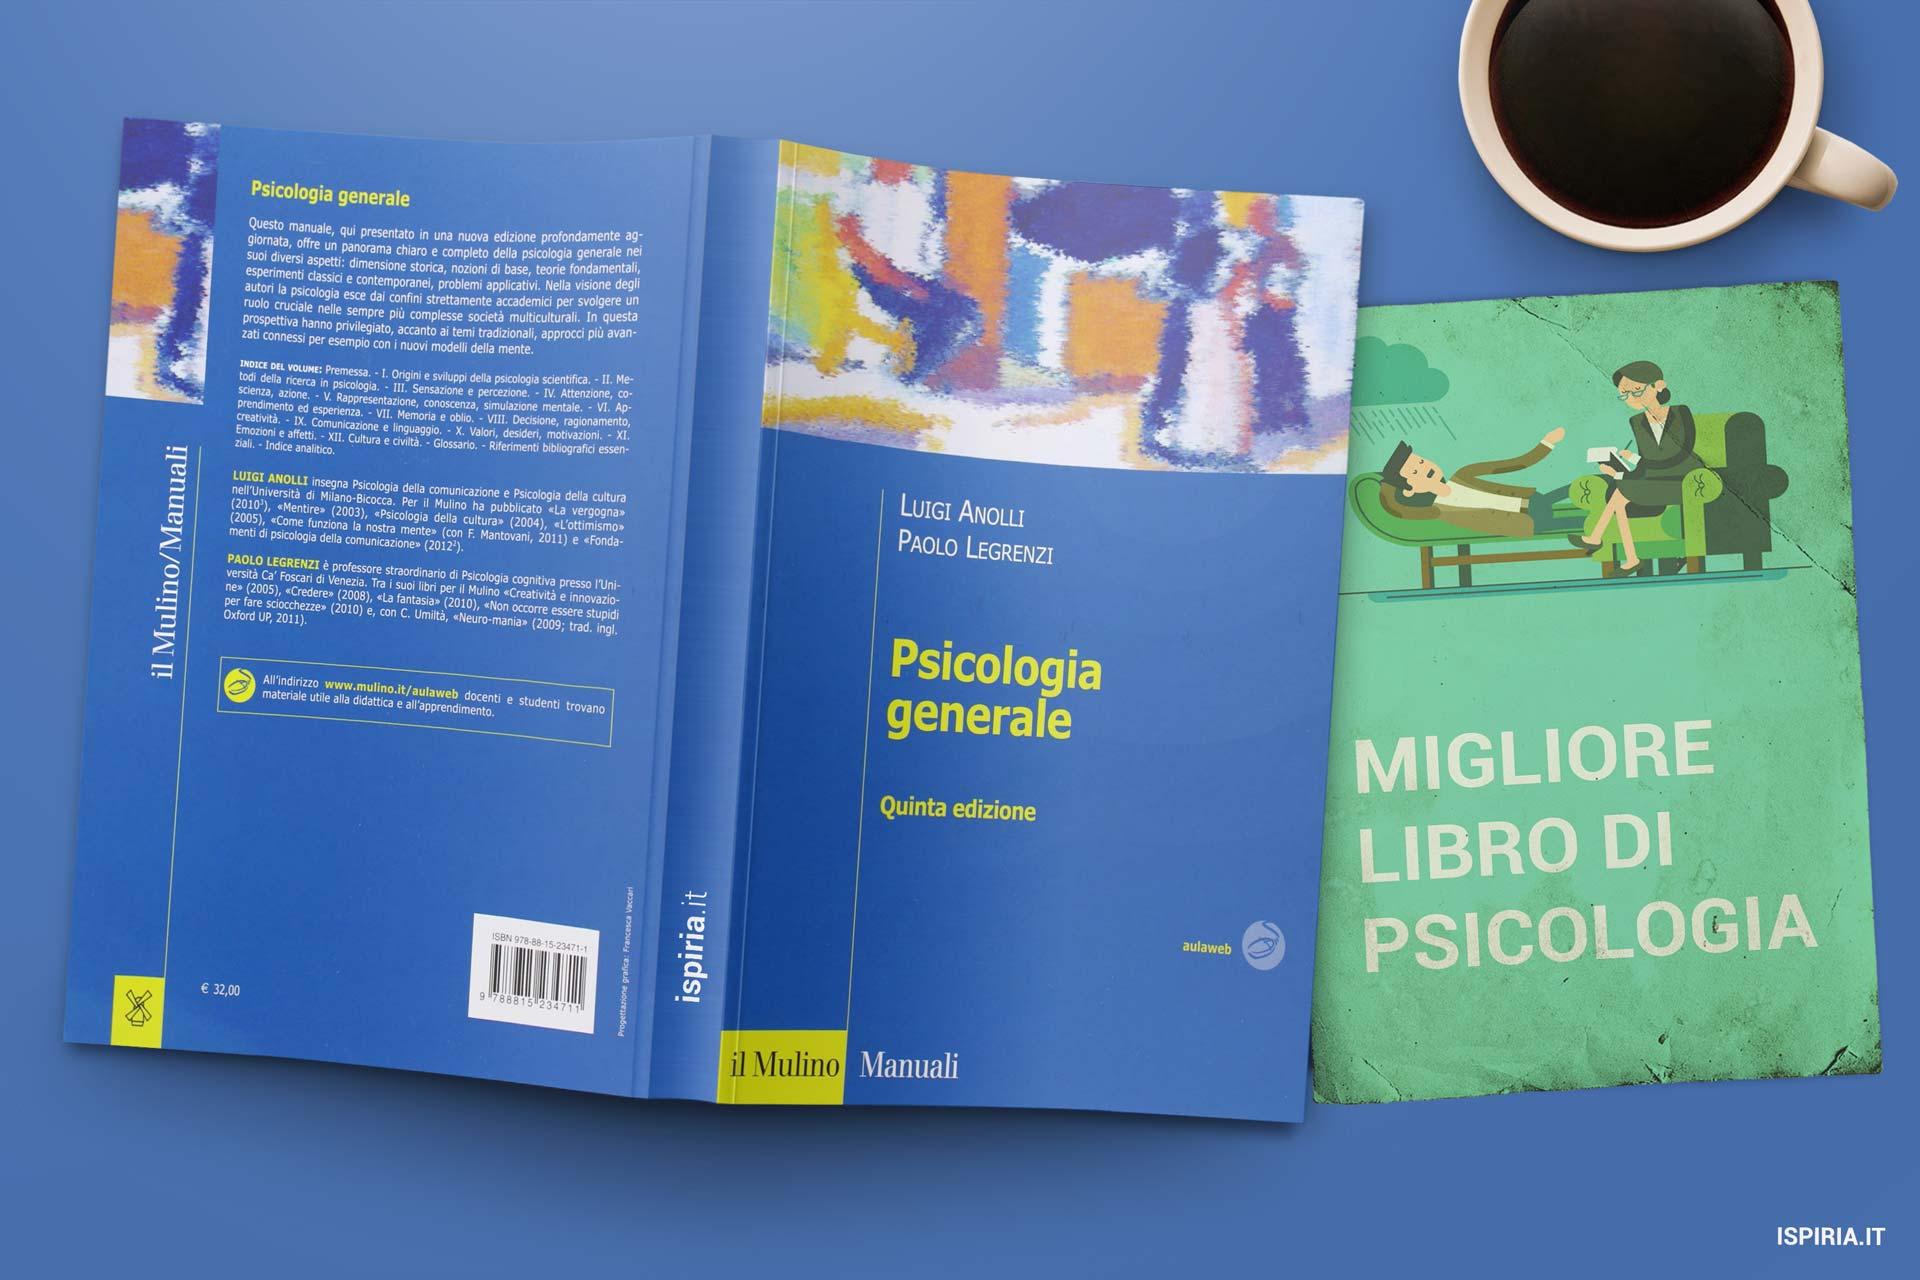 Migliore Libro Di Psicologia Generale